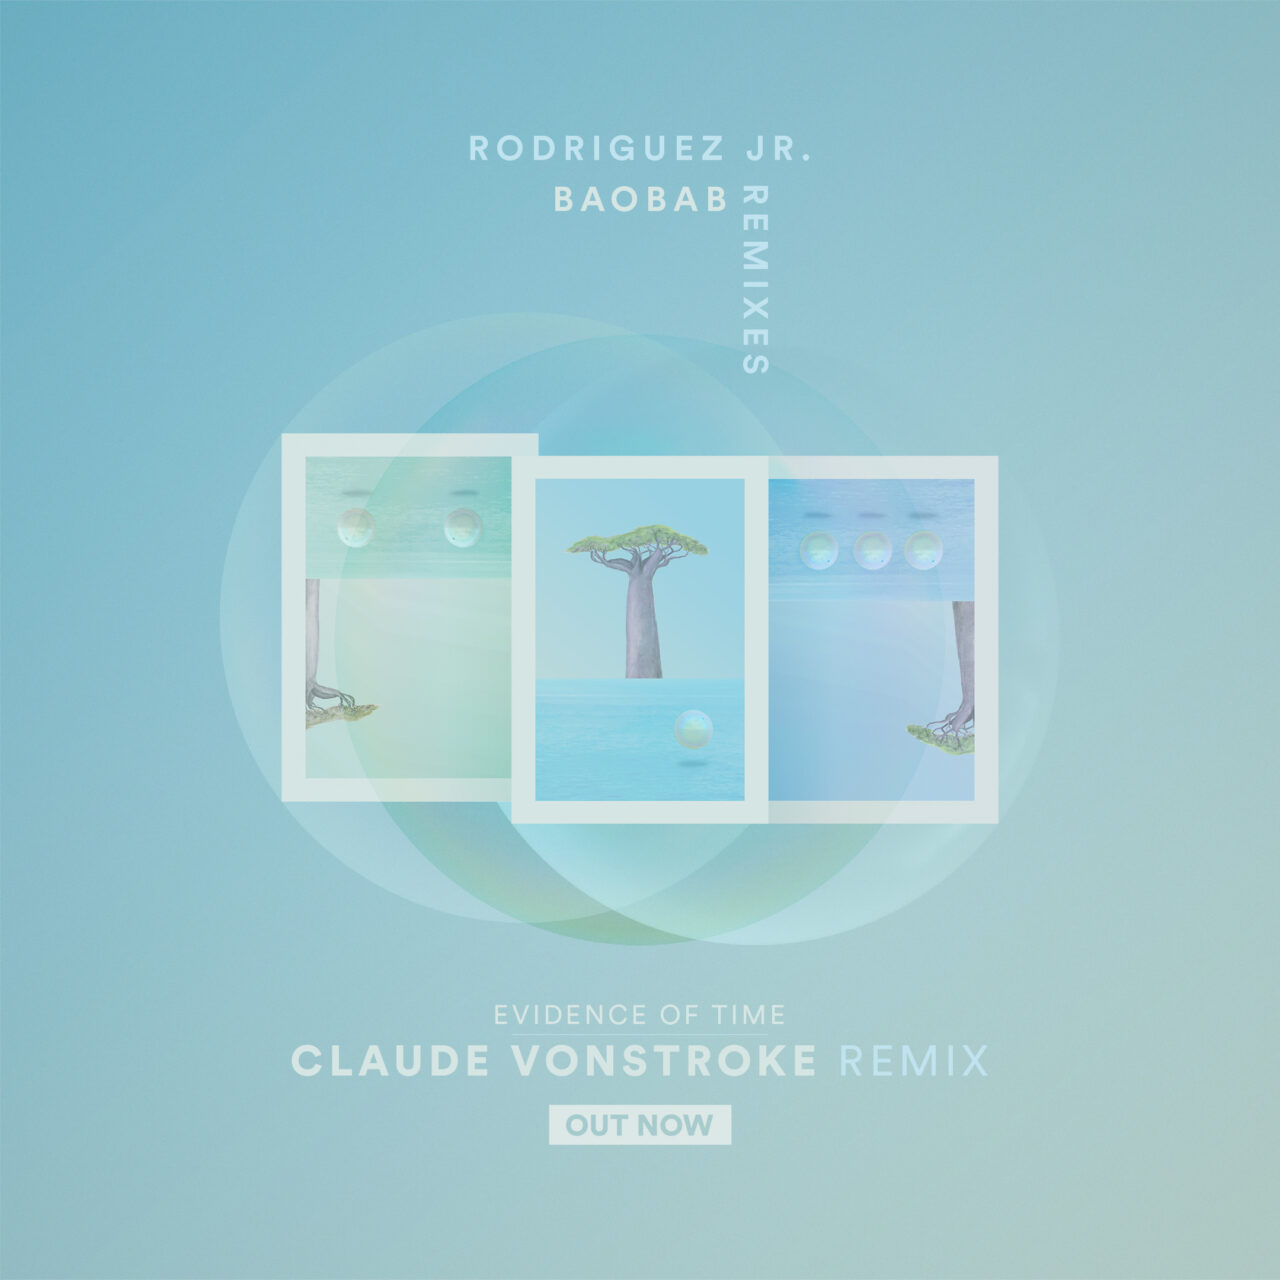 RodriguezJr_Baobab_Remixes_02-ClaudeVonstroke_instagram